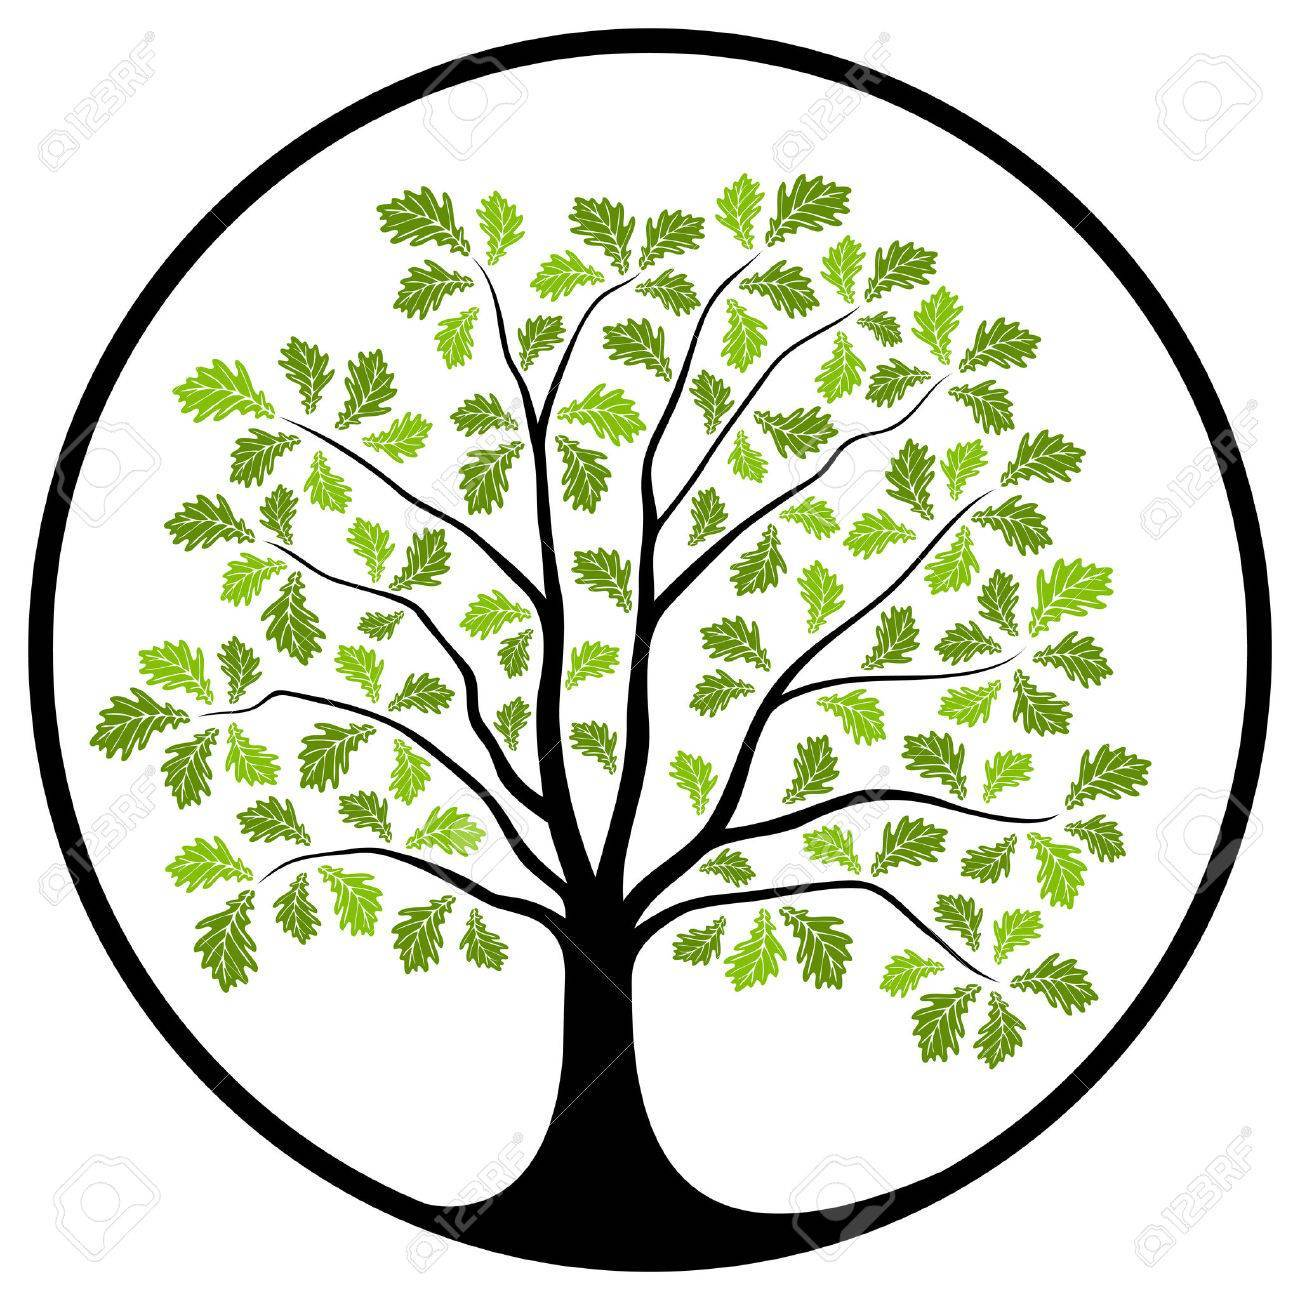 Oak tree clipart 5 » Clipart Portal.